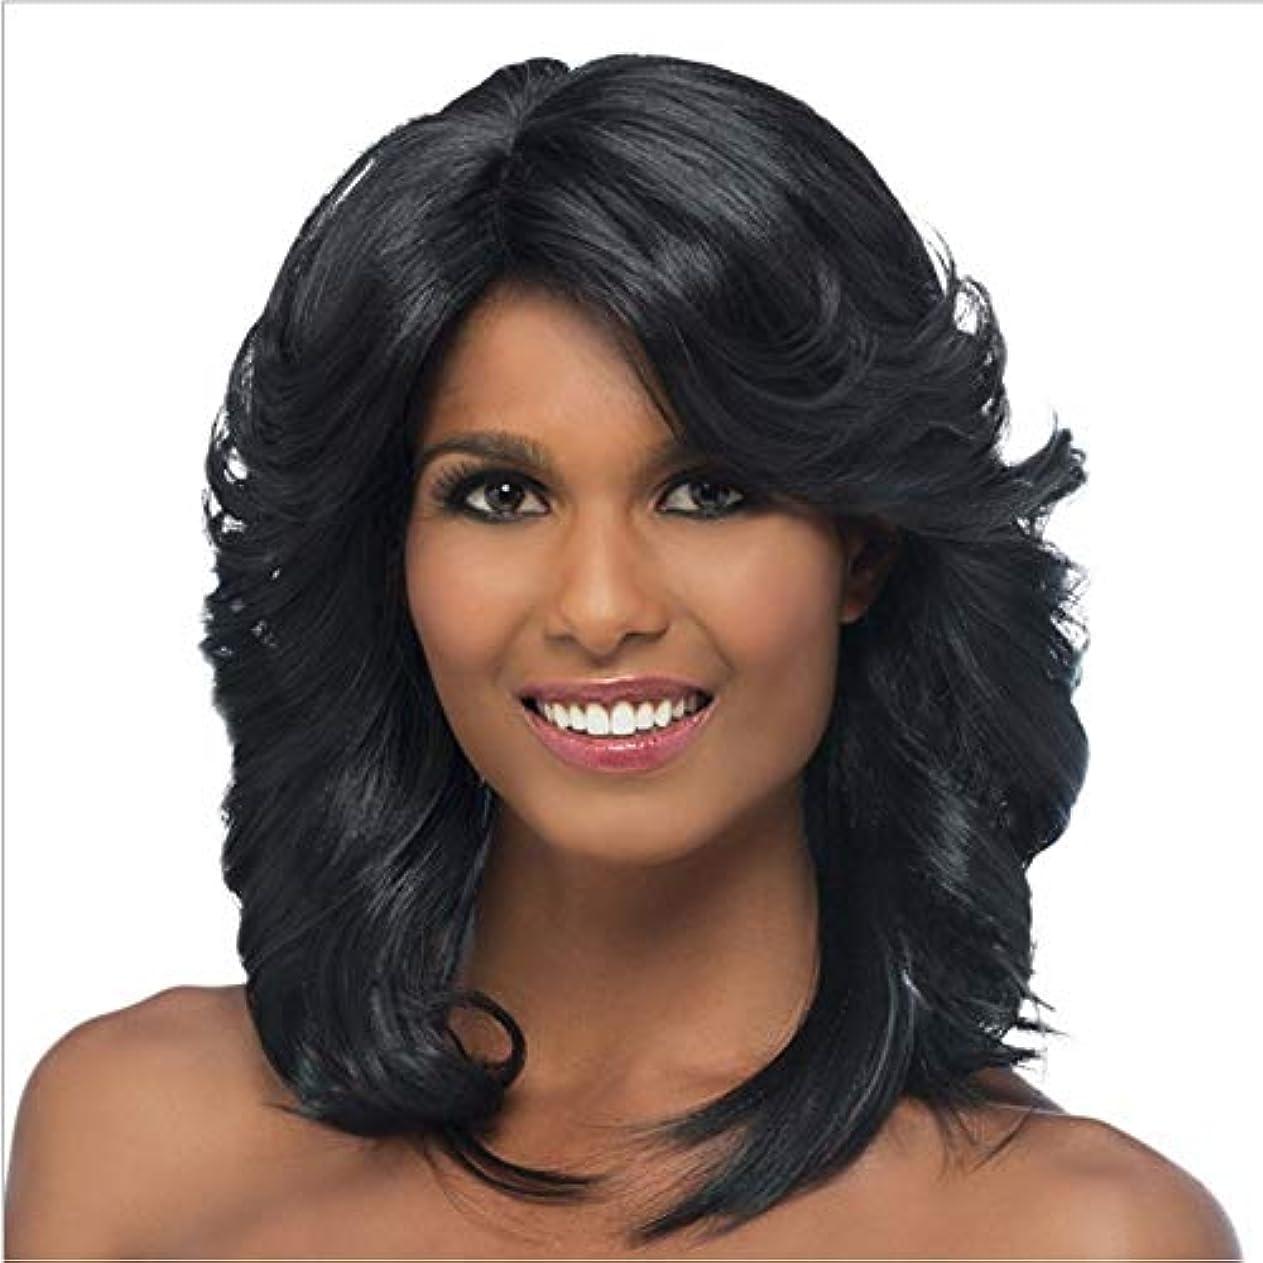 輸血実現可能セッティングYOUQIU 女性の毎日のパーティーウィッグのための合成髪ブラックカーリーヘアショルダー長ウィッグ (色 : 黒)